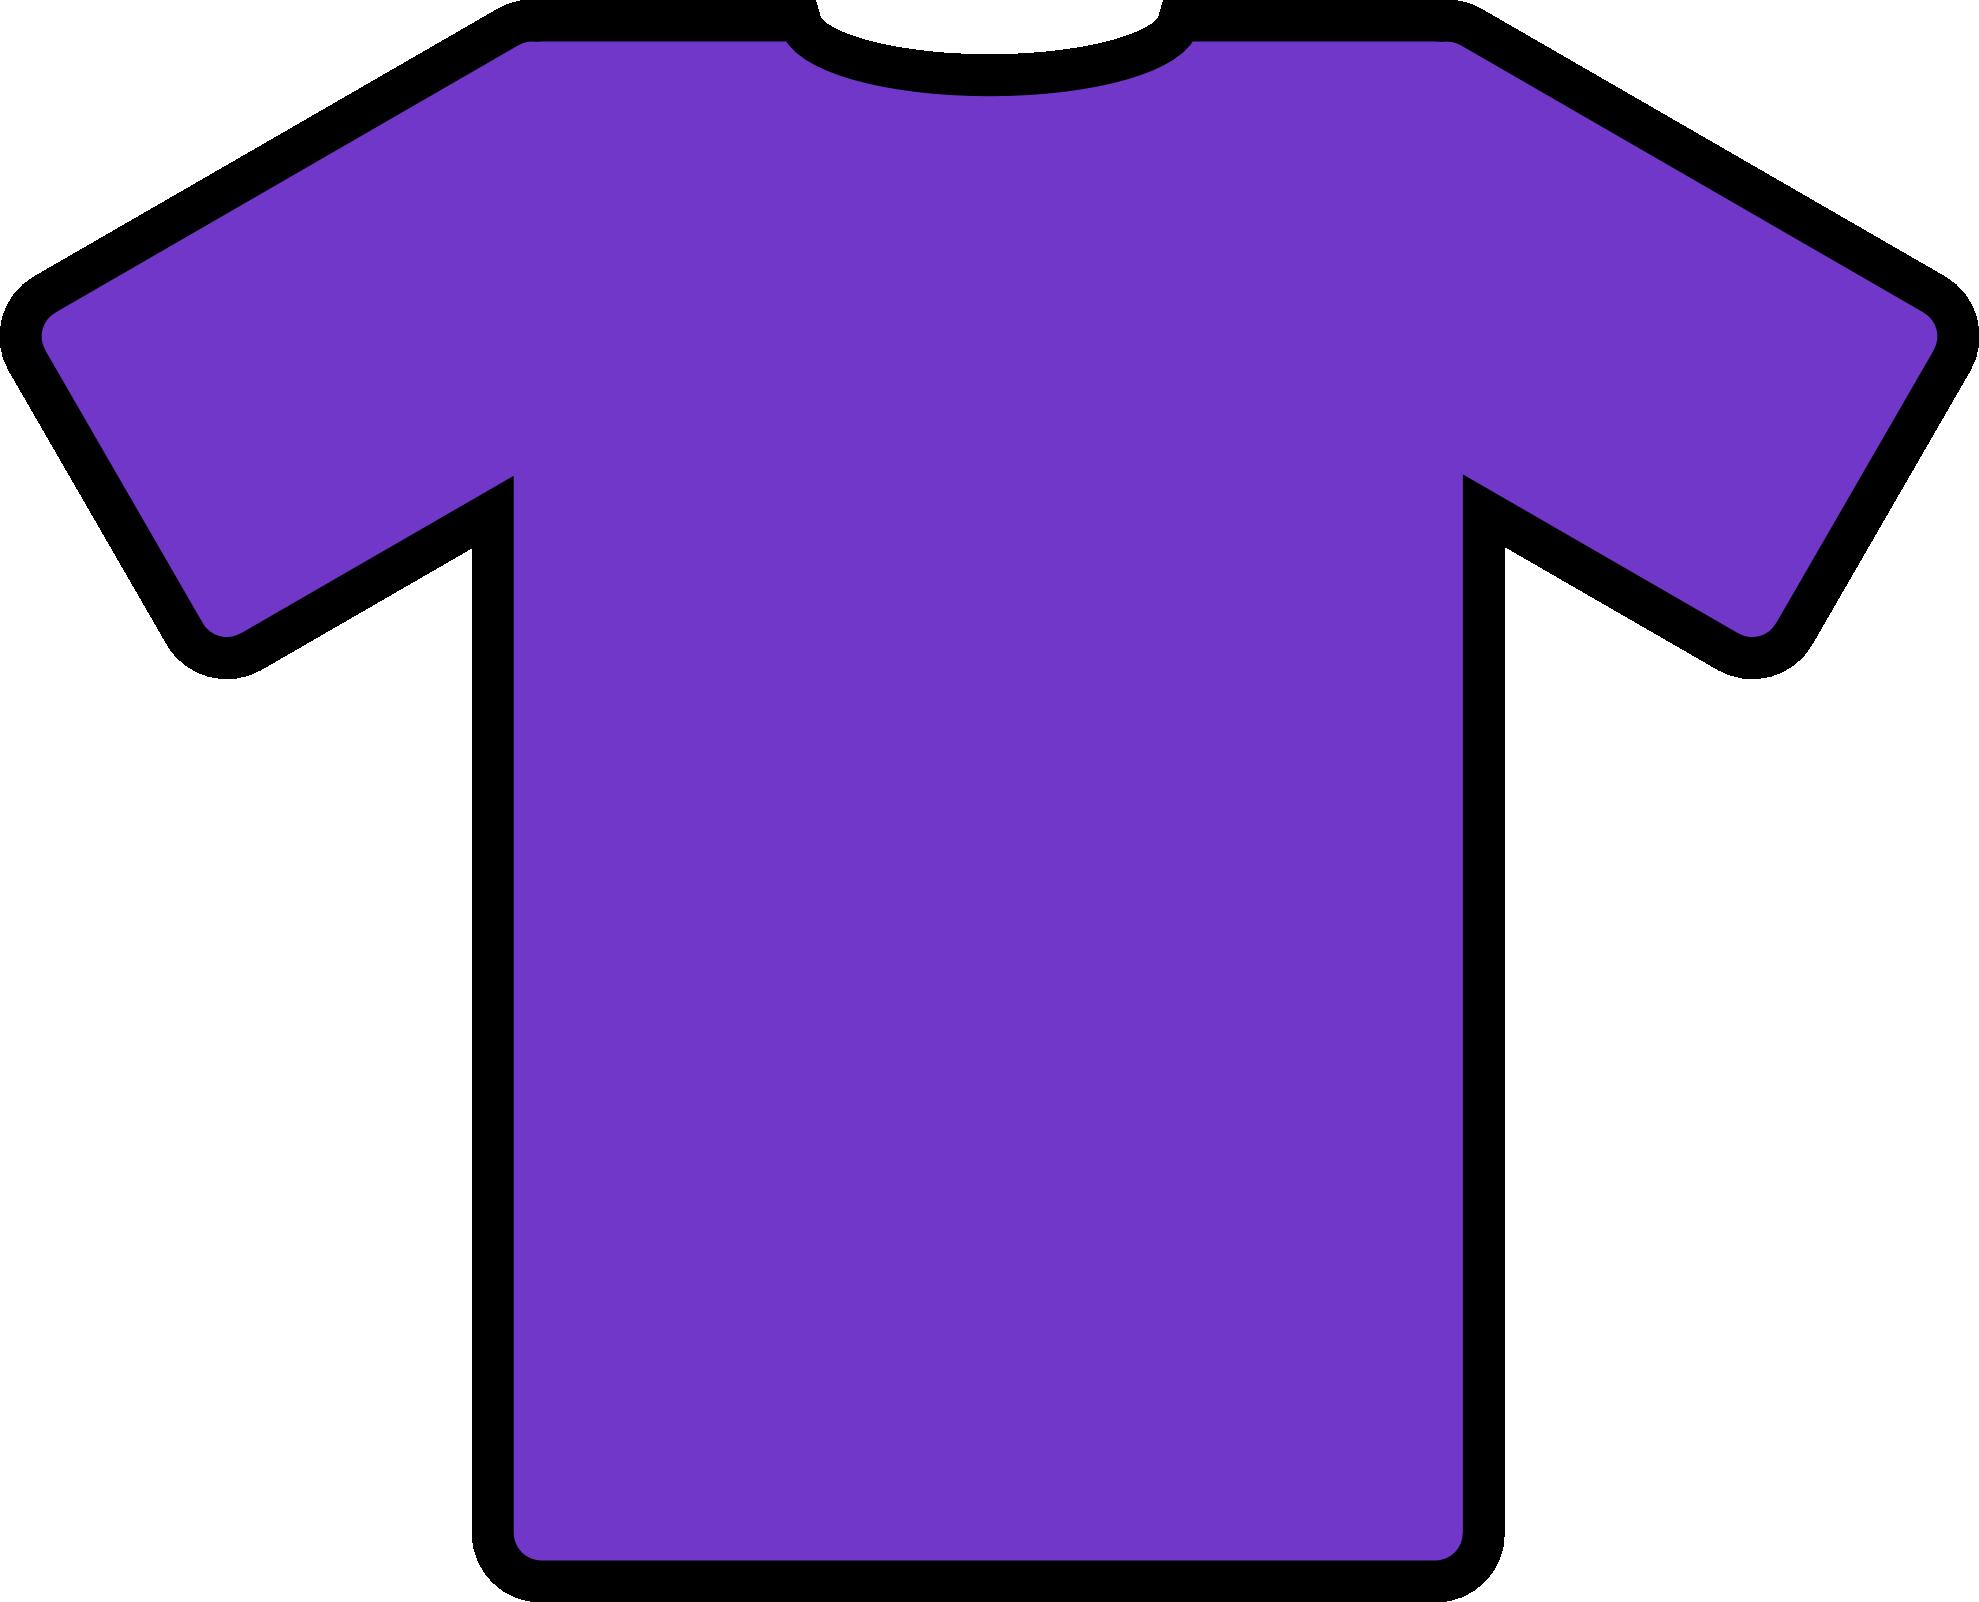 Dress clipart dress shirt Dress Purple Download Shirt Dress